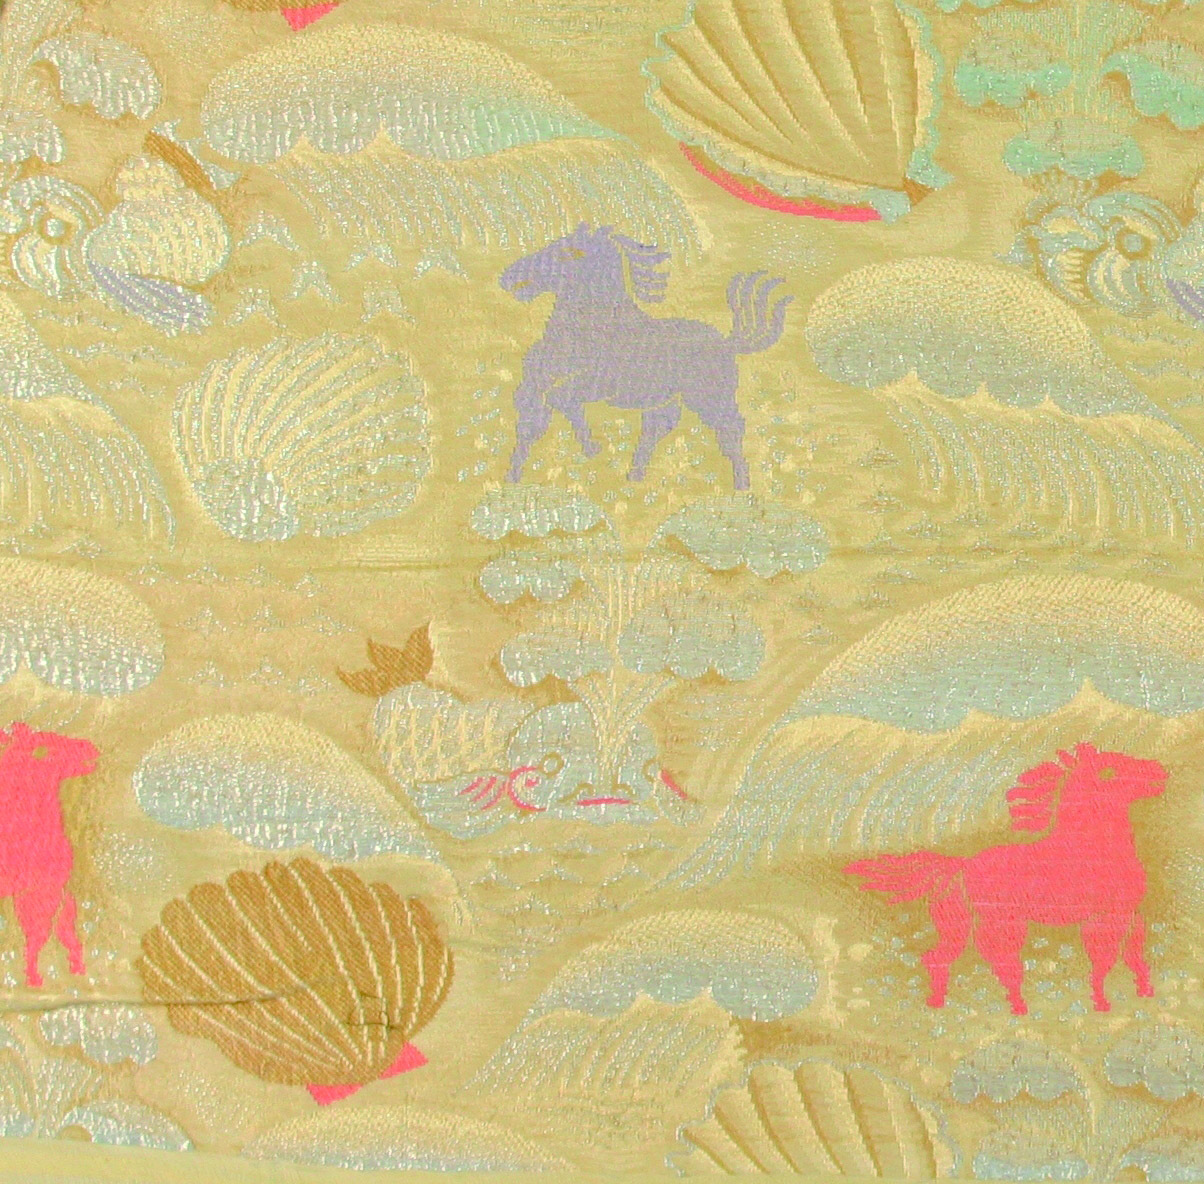 《貝殻と海の馬》 1922-24年頃 金銀糸の入った錦 デュフィ・ビアンキーニ蔵